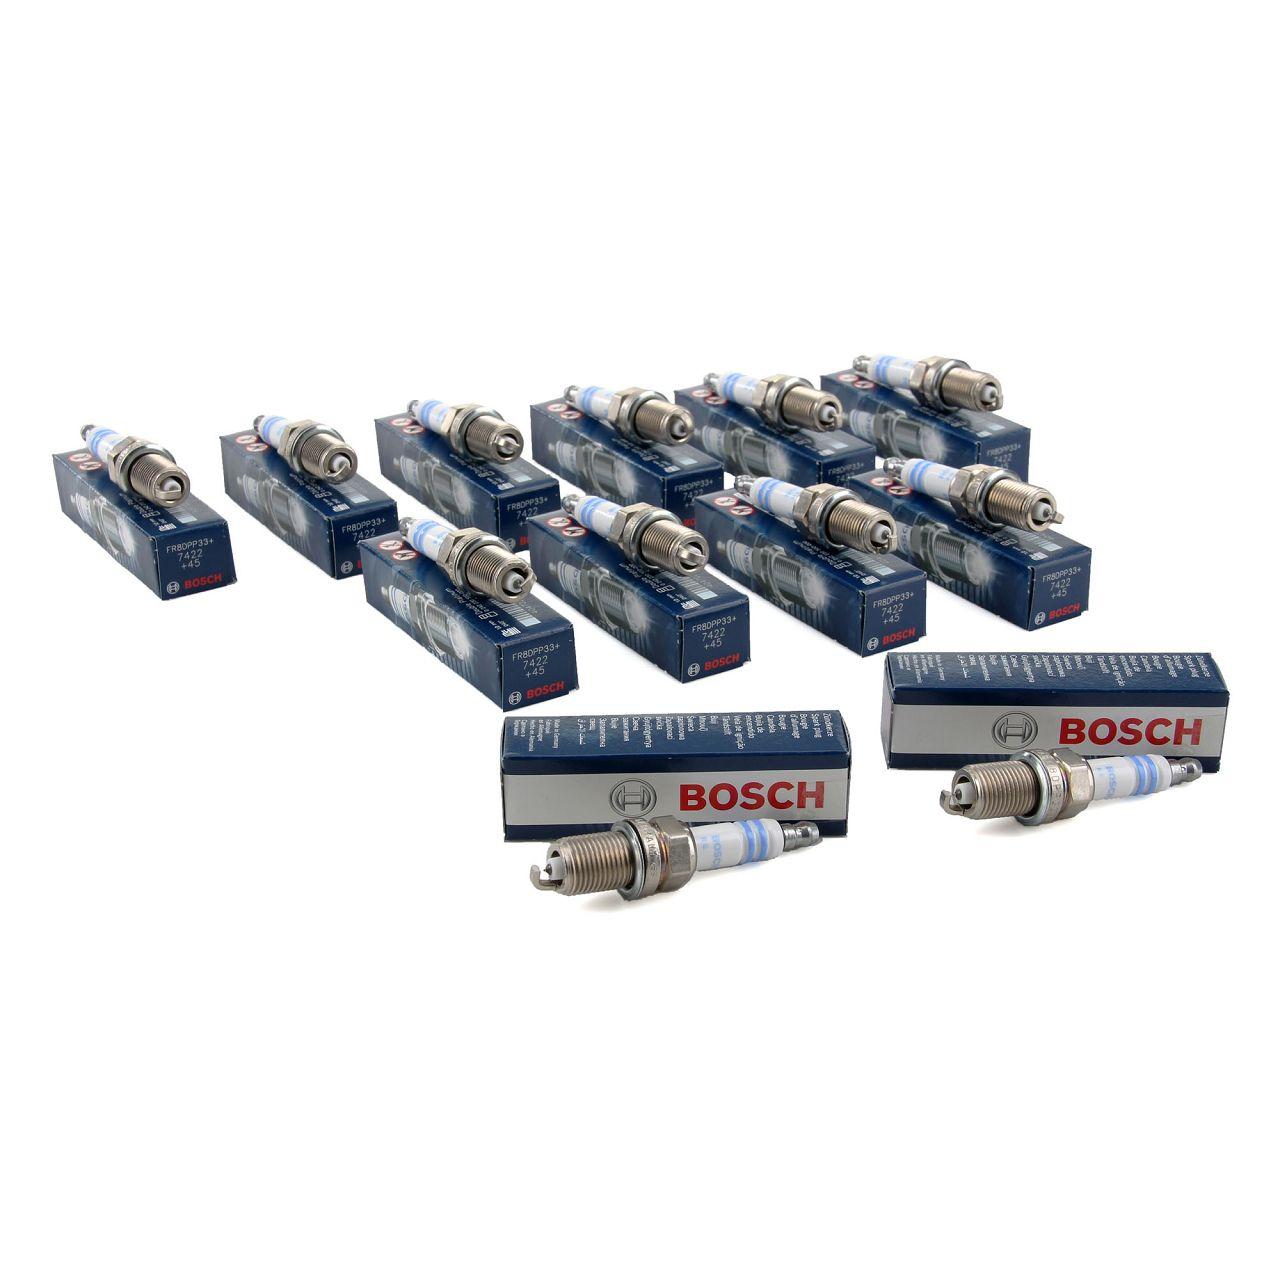 12x BOSCH FR8DPP33+ 0242230500 Zündkerze MERCEDES W202 W203 W210 W211 W140 W220 M112 M120